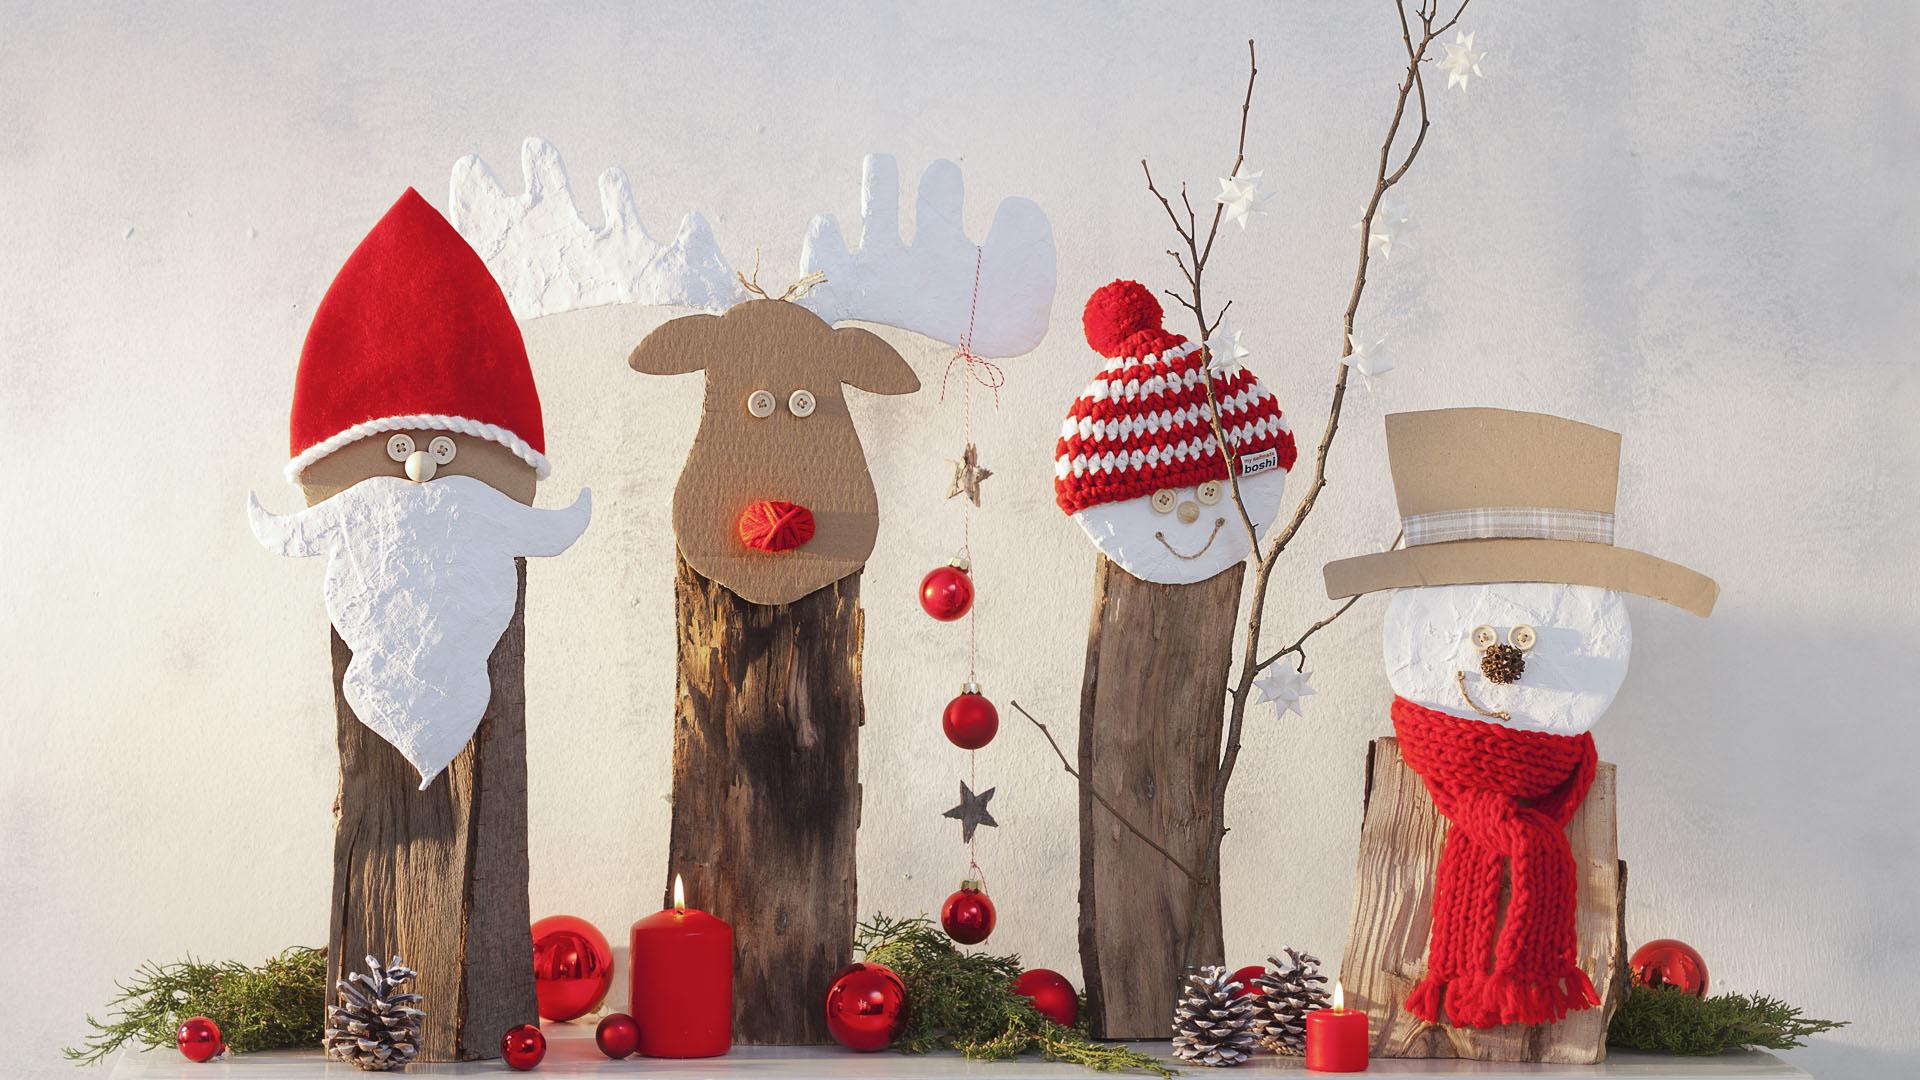 Ideen für Weihnachten: Kleine Freunde für die kalte Jahreszeit